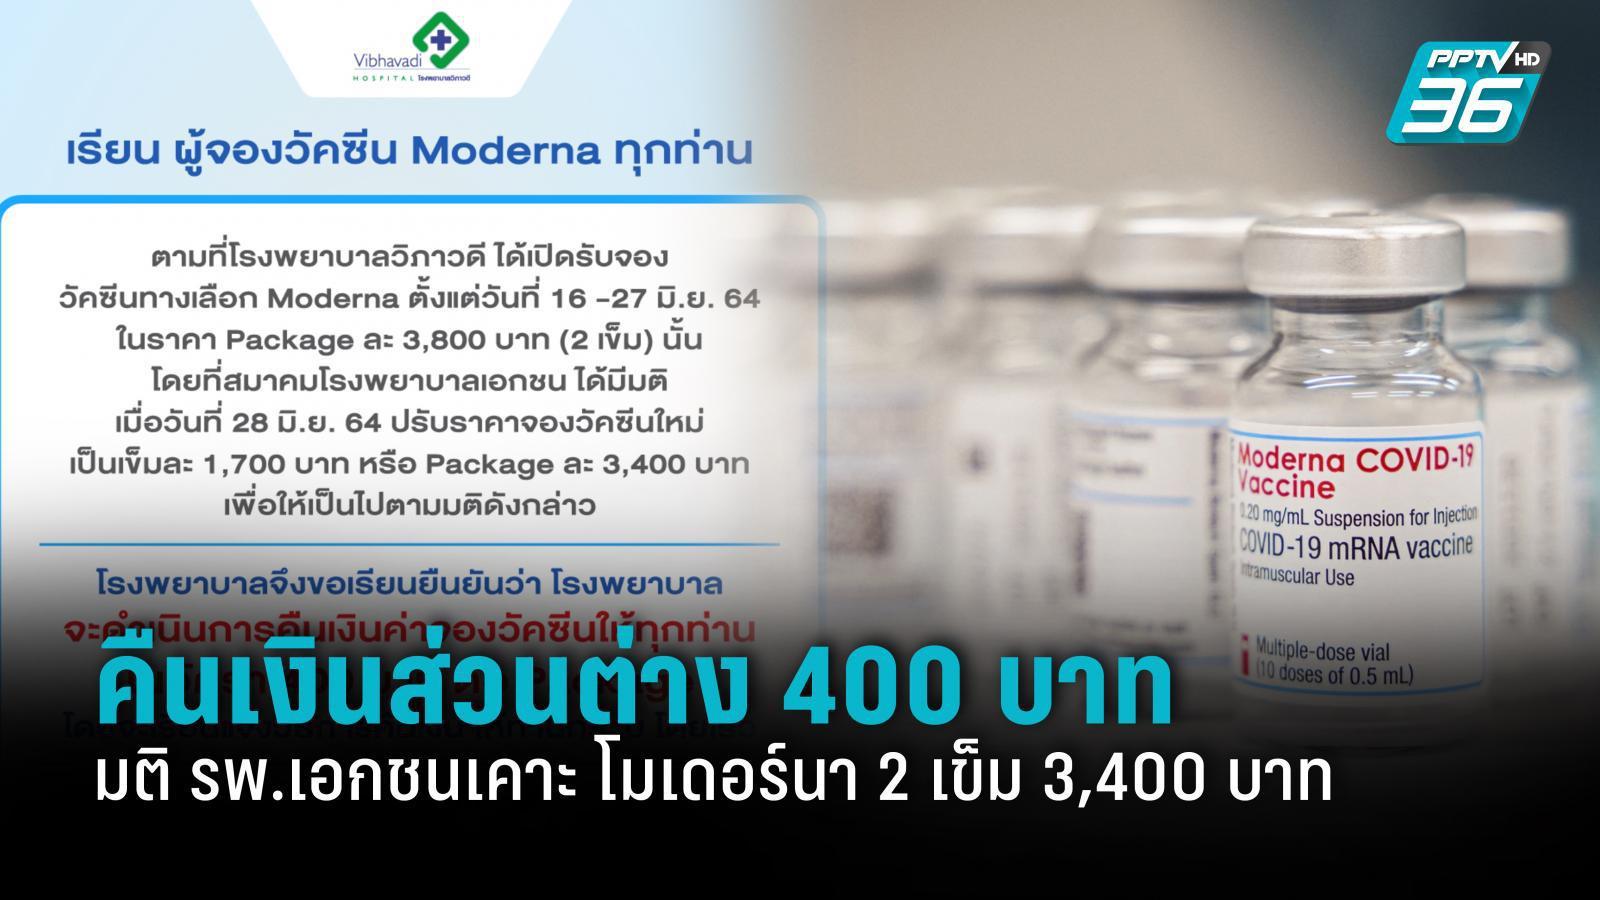 รพ.เอกชนประกาศคืนเงินส่วนต่าง 400 บาท หลังเคาะราคาวัคซีนโมเดอร์นา 2 เข็ม 3,400 บาท